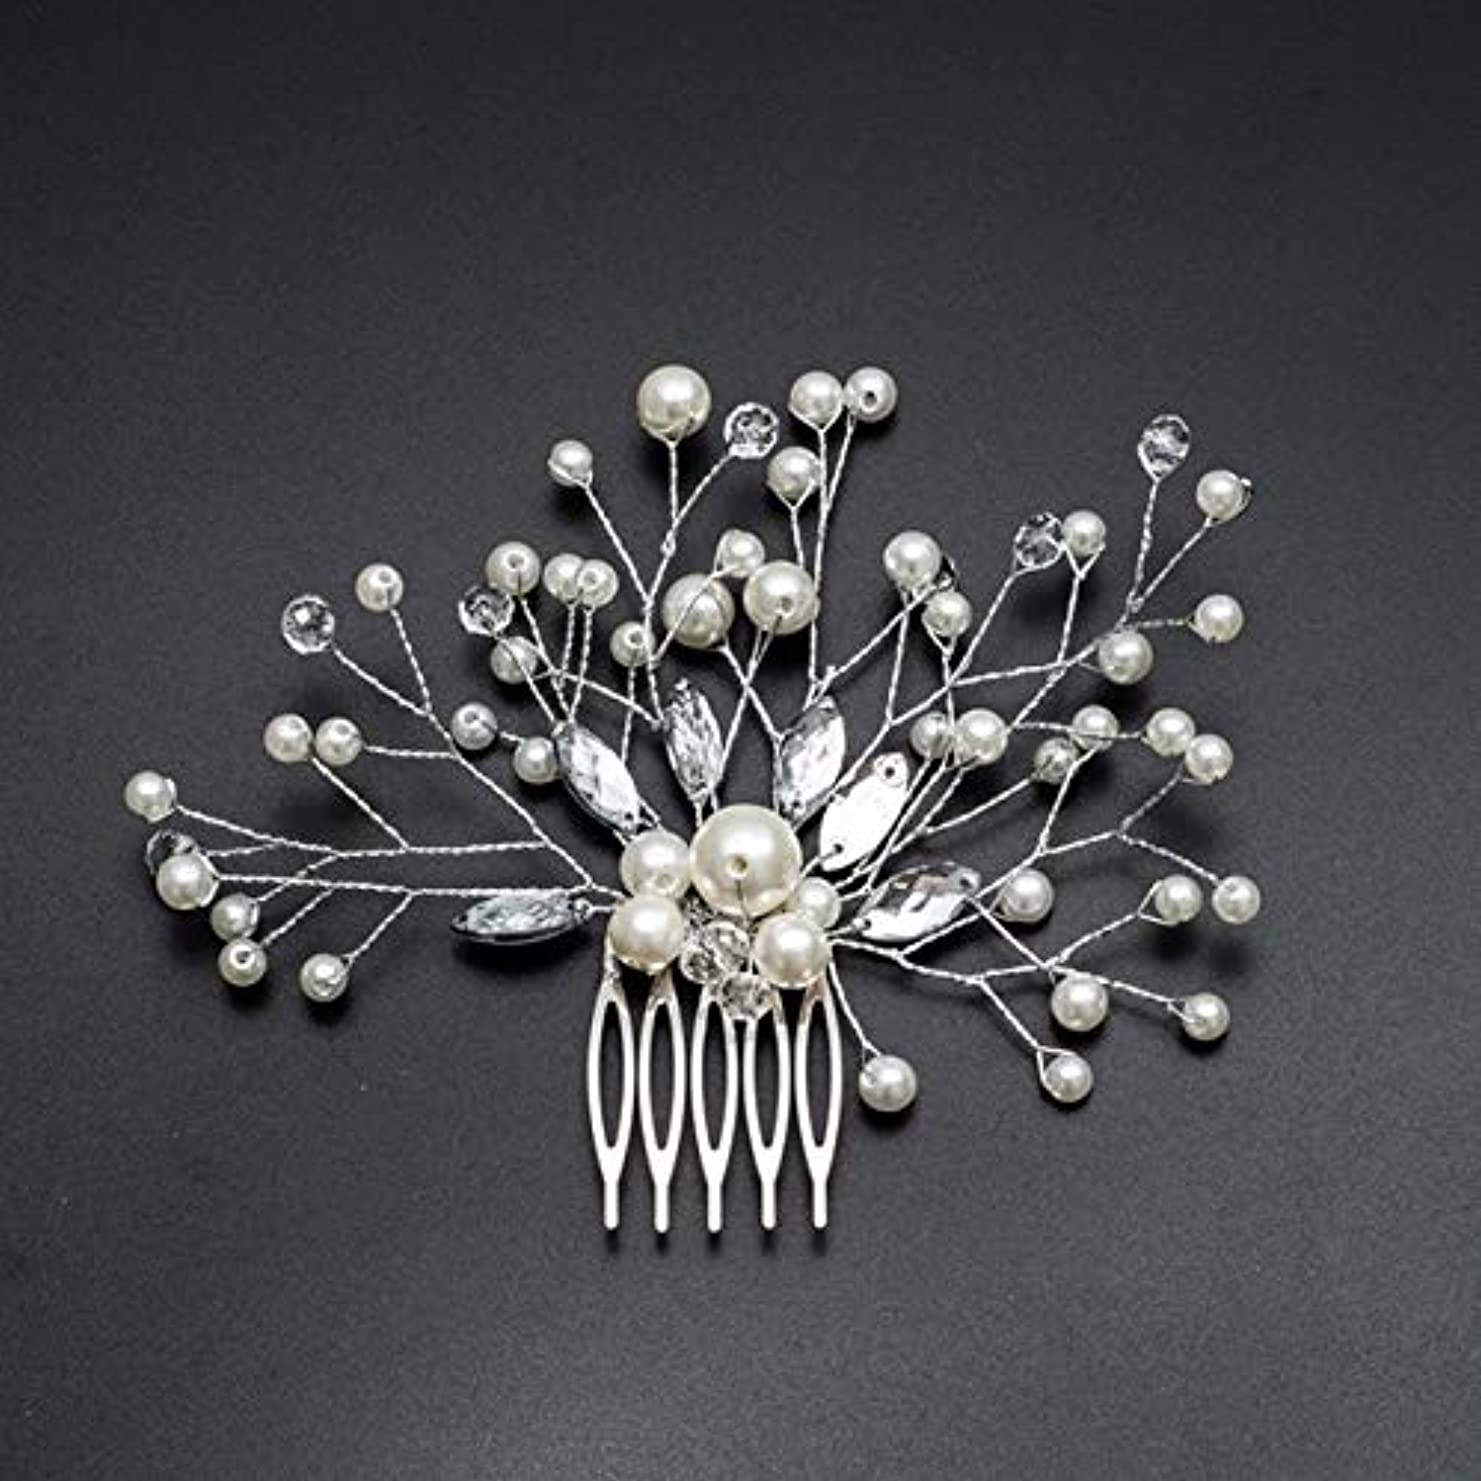 コンパイルネズミ弱点Hairpinheair YHMパール女性のヘアコーム結婚式のヘアアクセサリーヘアピンラインストーンティアラブライダルクリップクリスタルクラウン花嫁の髪の宝石類(シルバー) (色 : Silver)